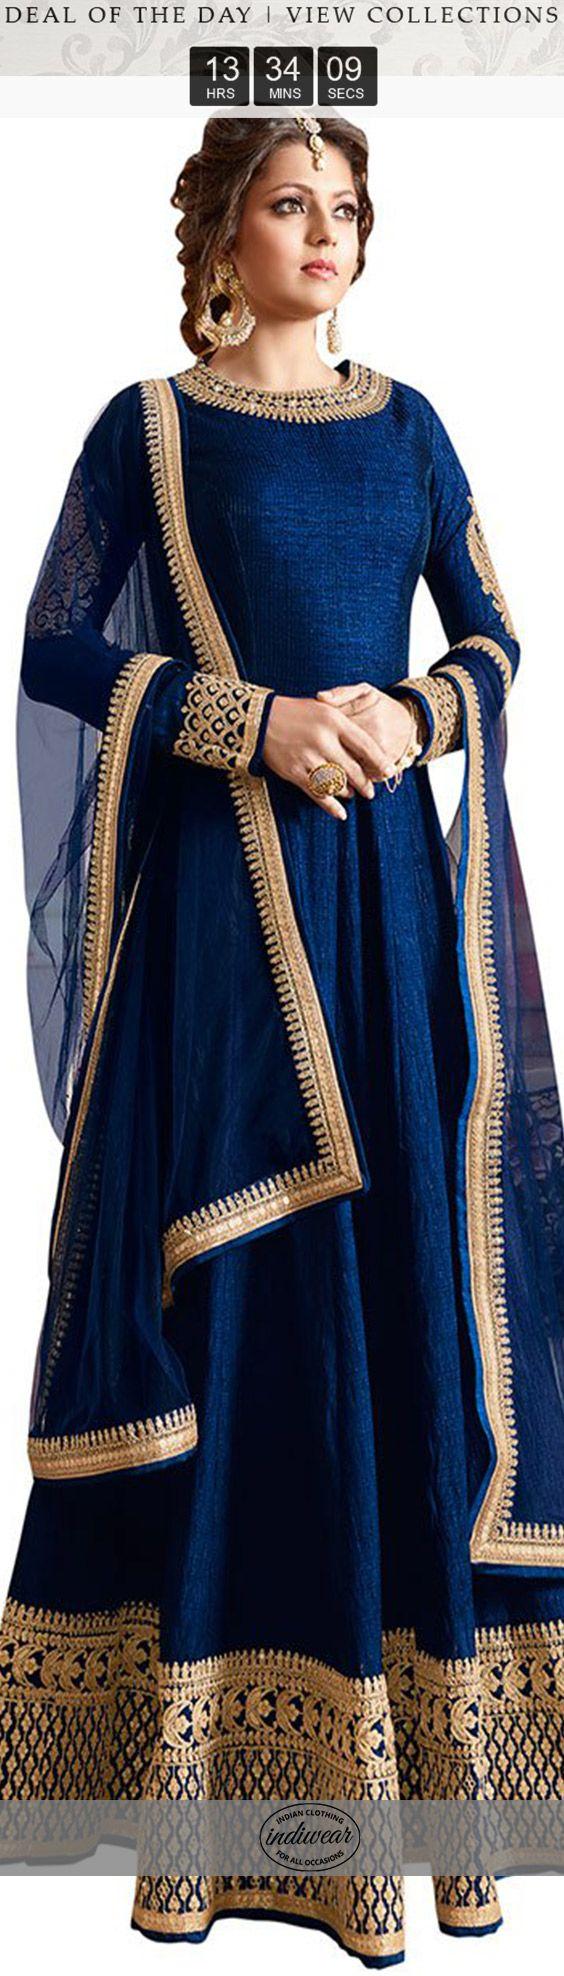 best wedding images on pinterest wedding ideas india fashion